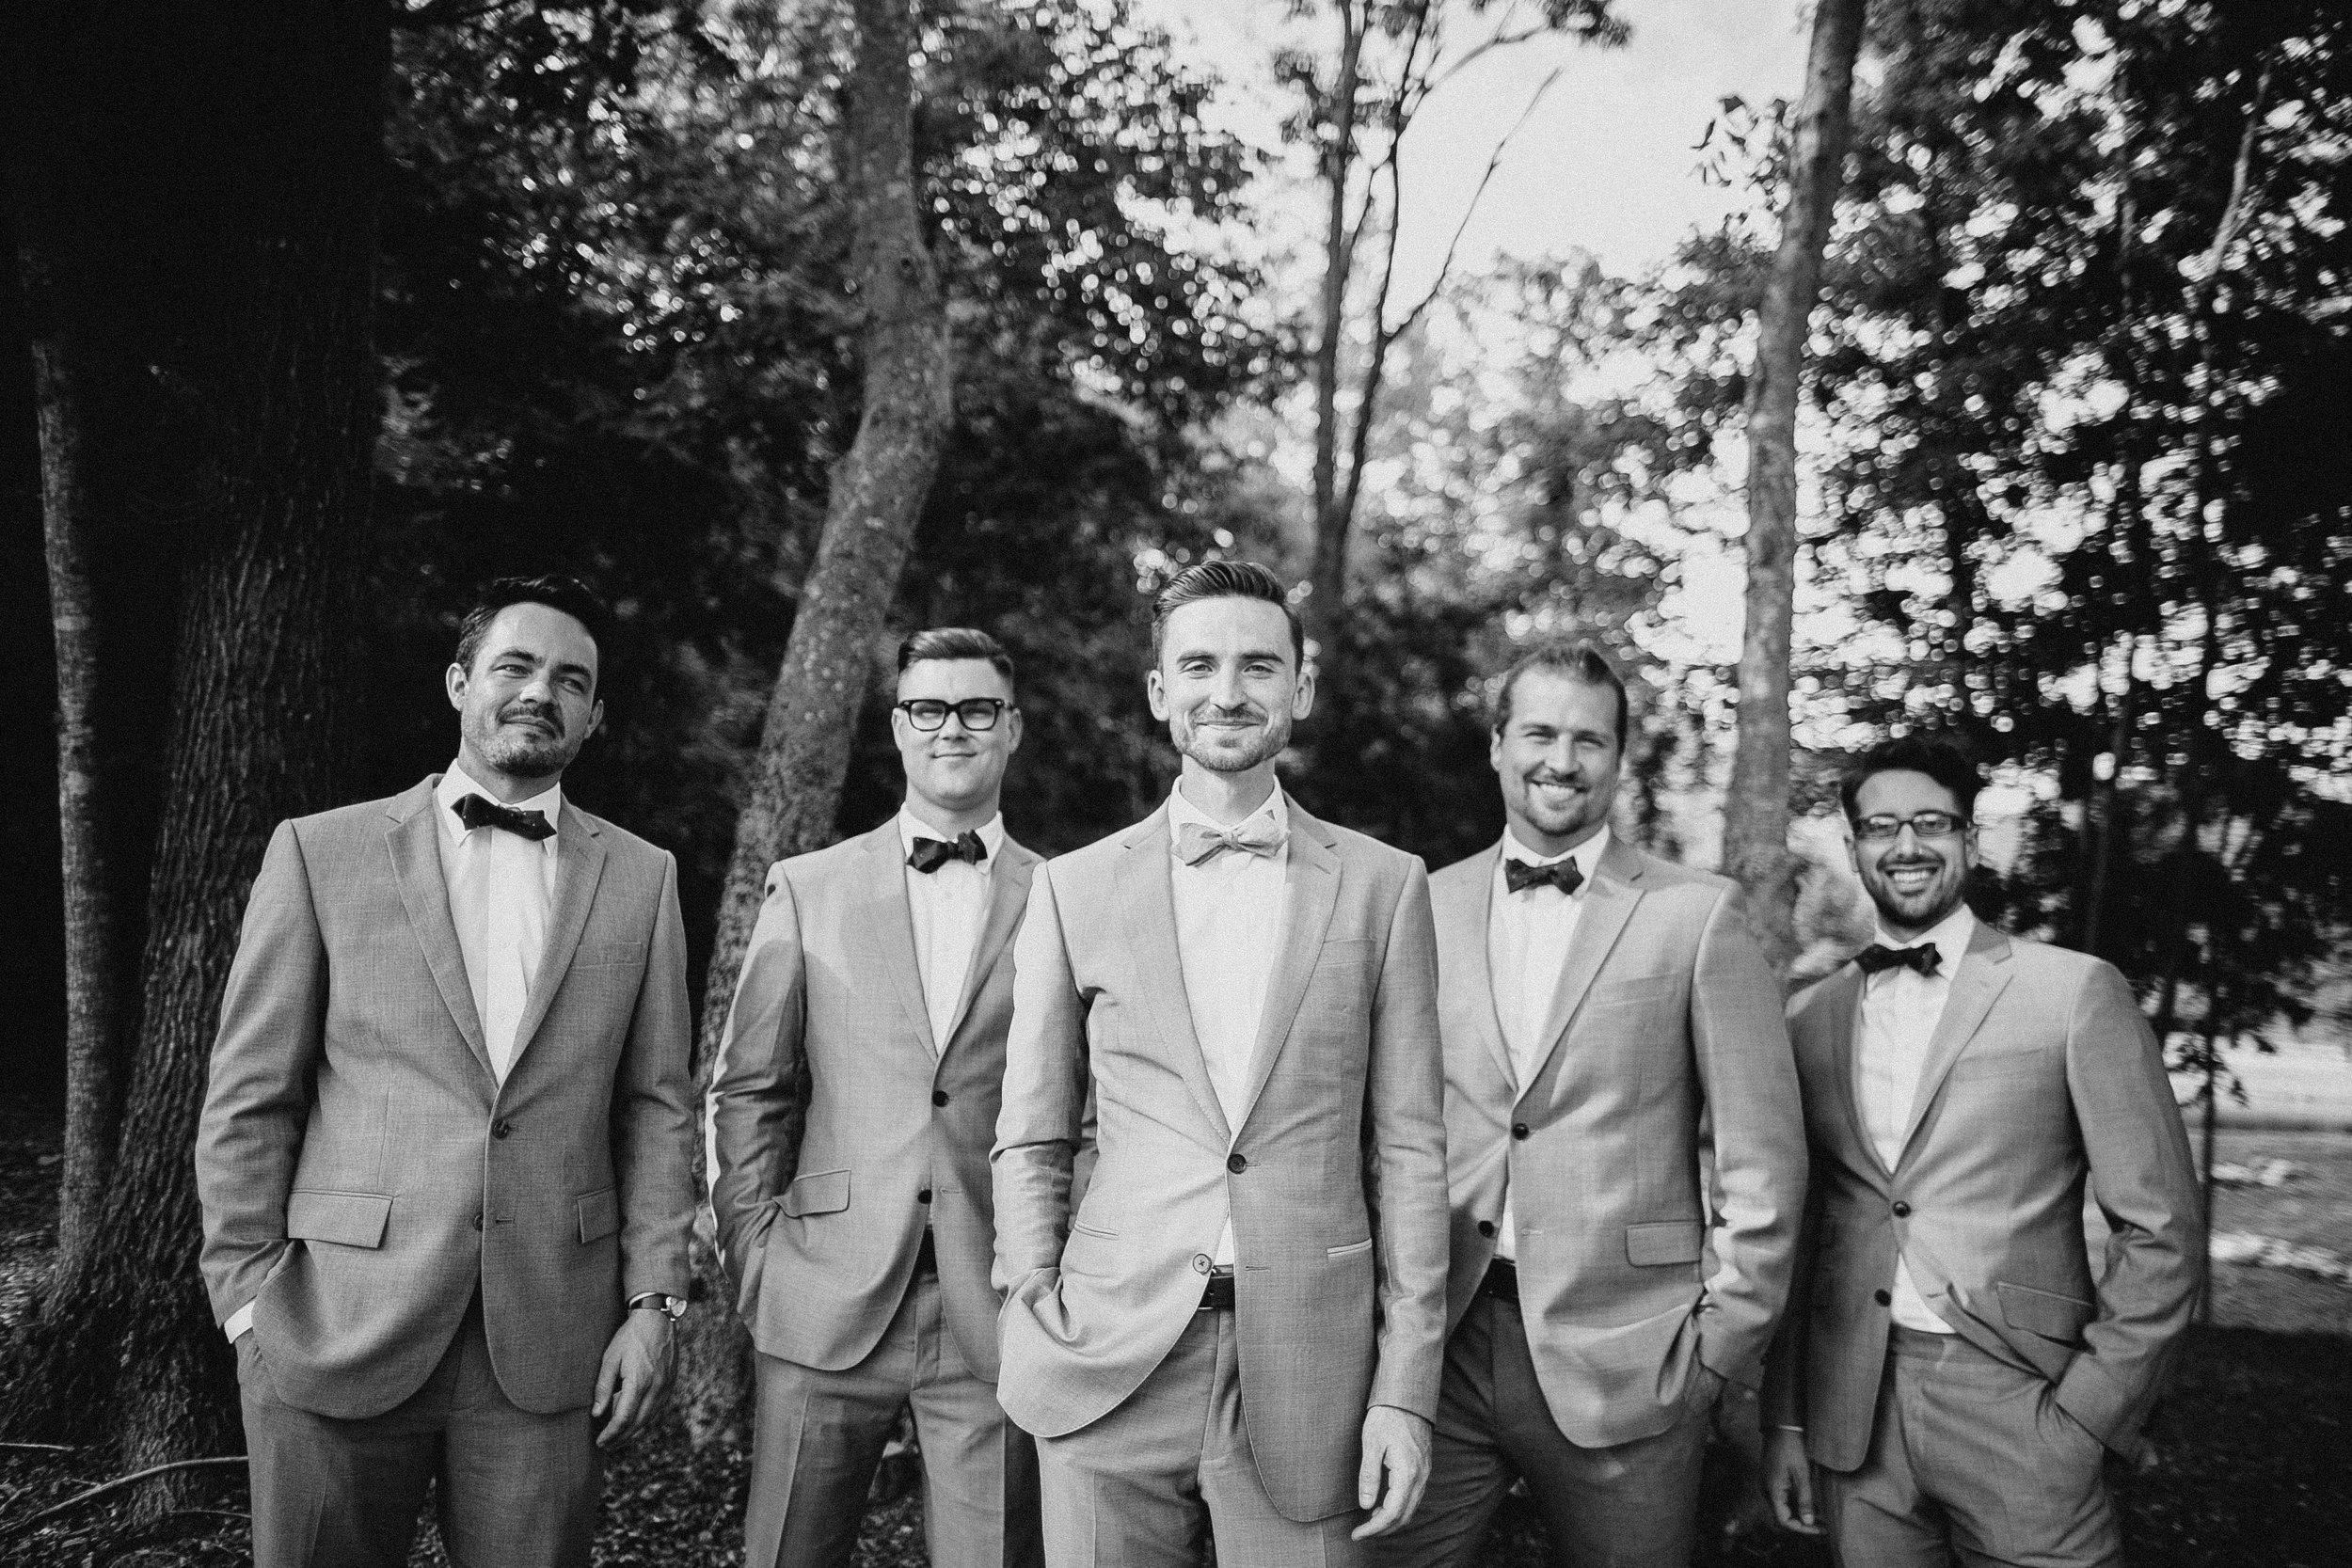 stewart_wedding_0534.JPG